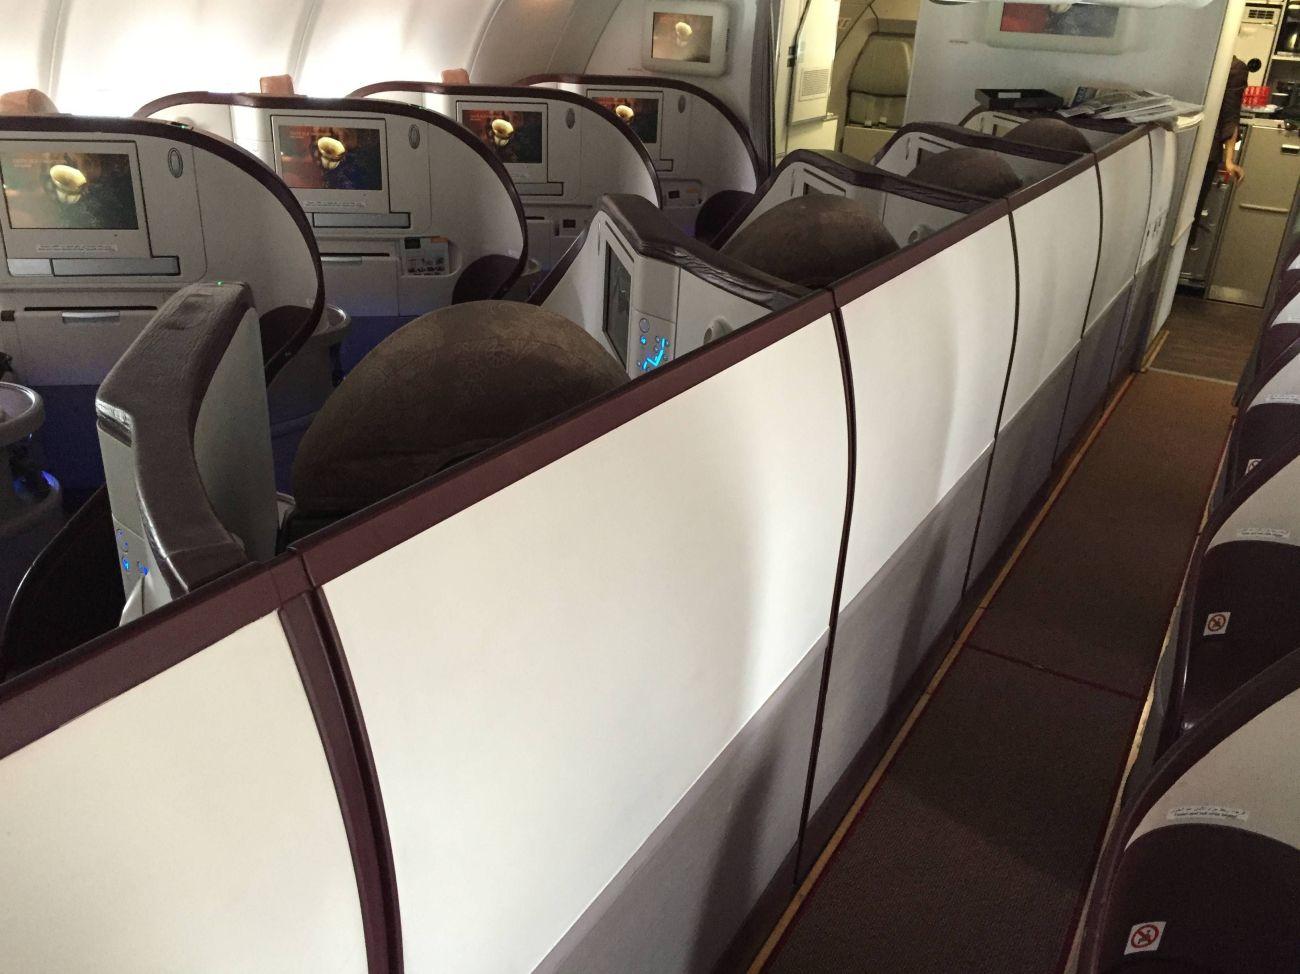 Jet Airways A330 Business Class Etihad Passageirodeprimeira -07